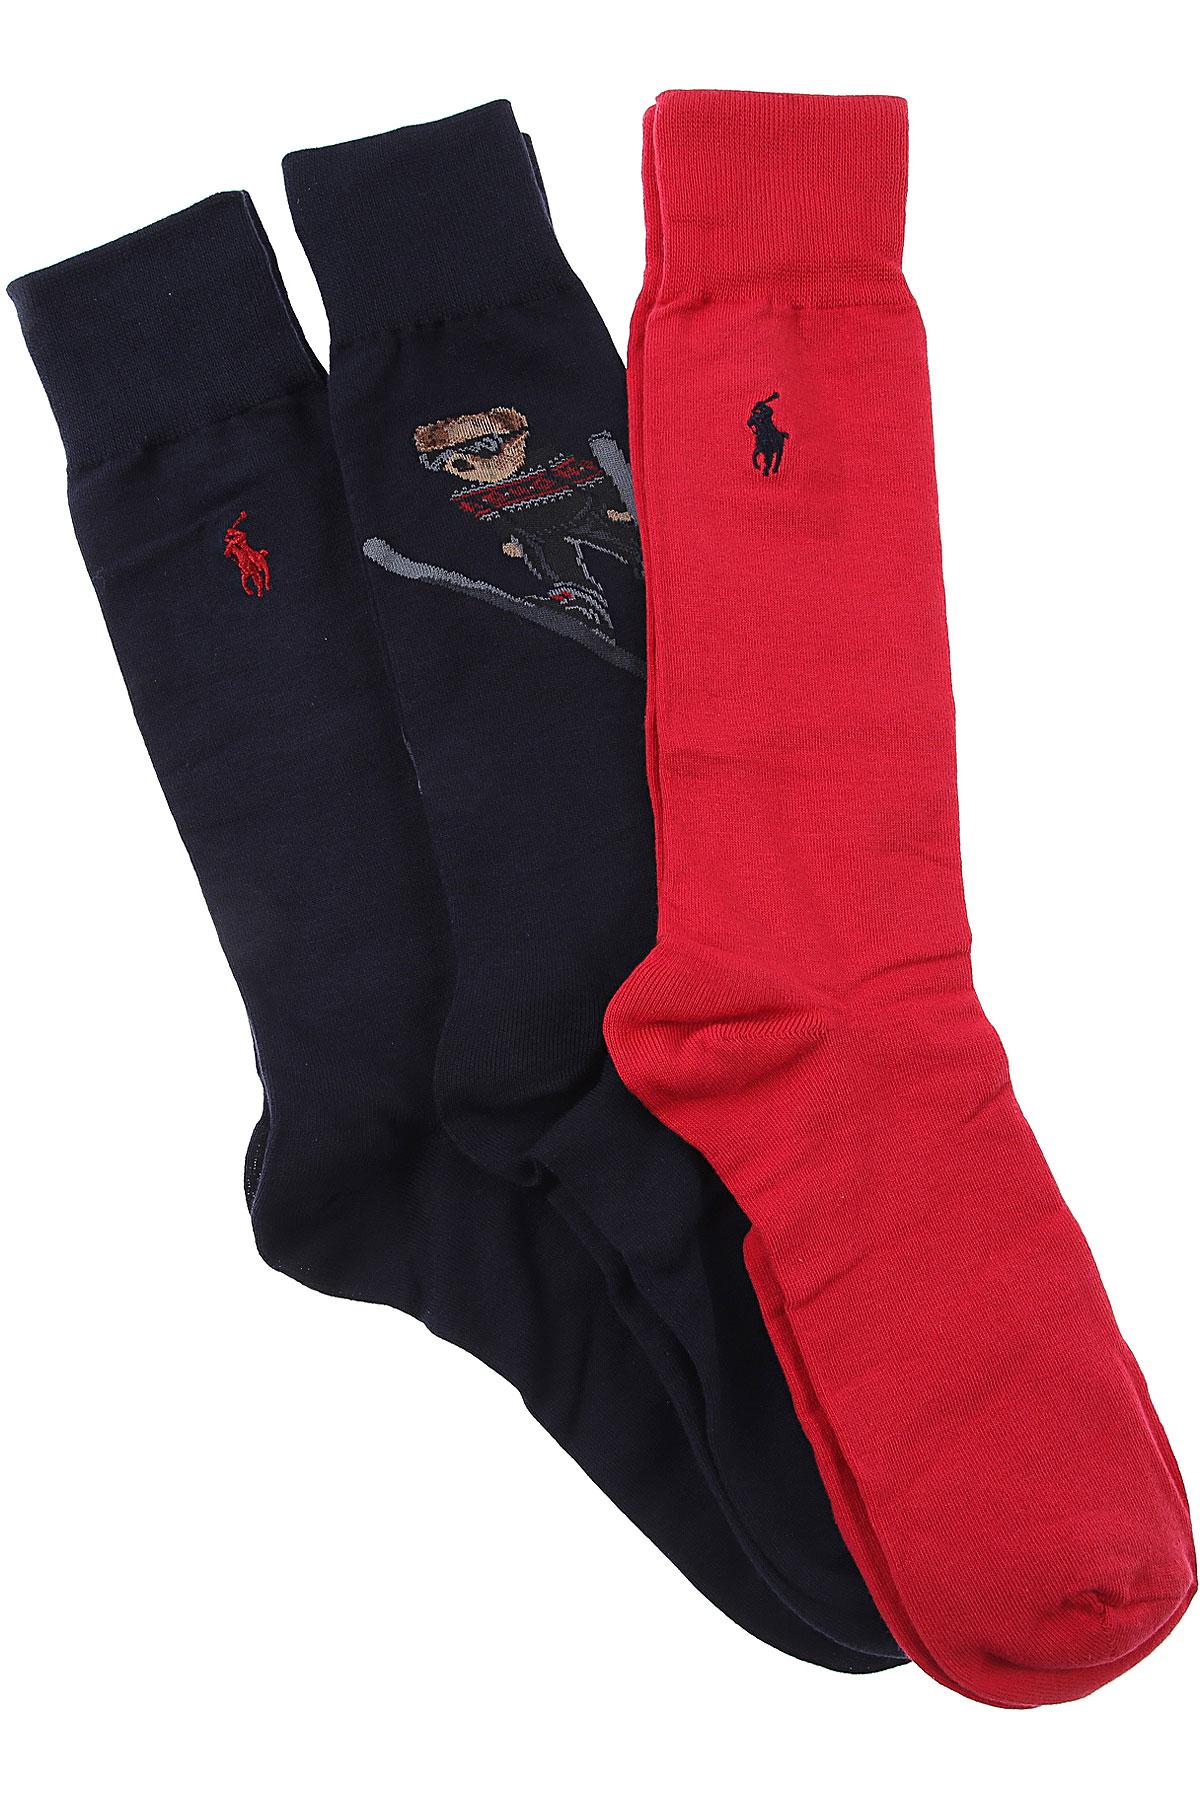 Ralph Lauren Socks Socks for Men, Dark Blue, Cotton, 2019